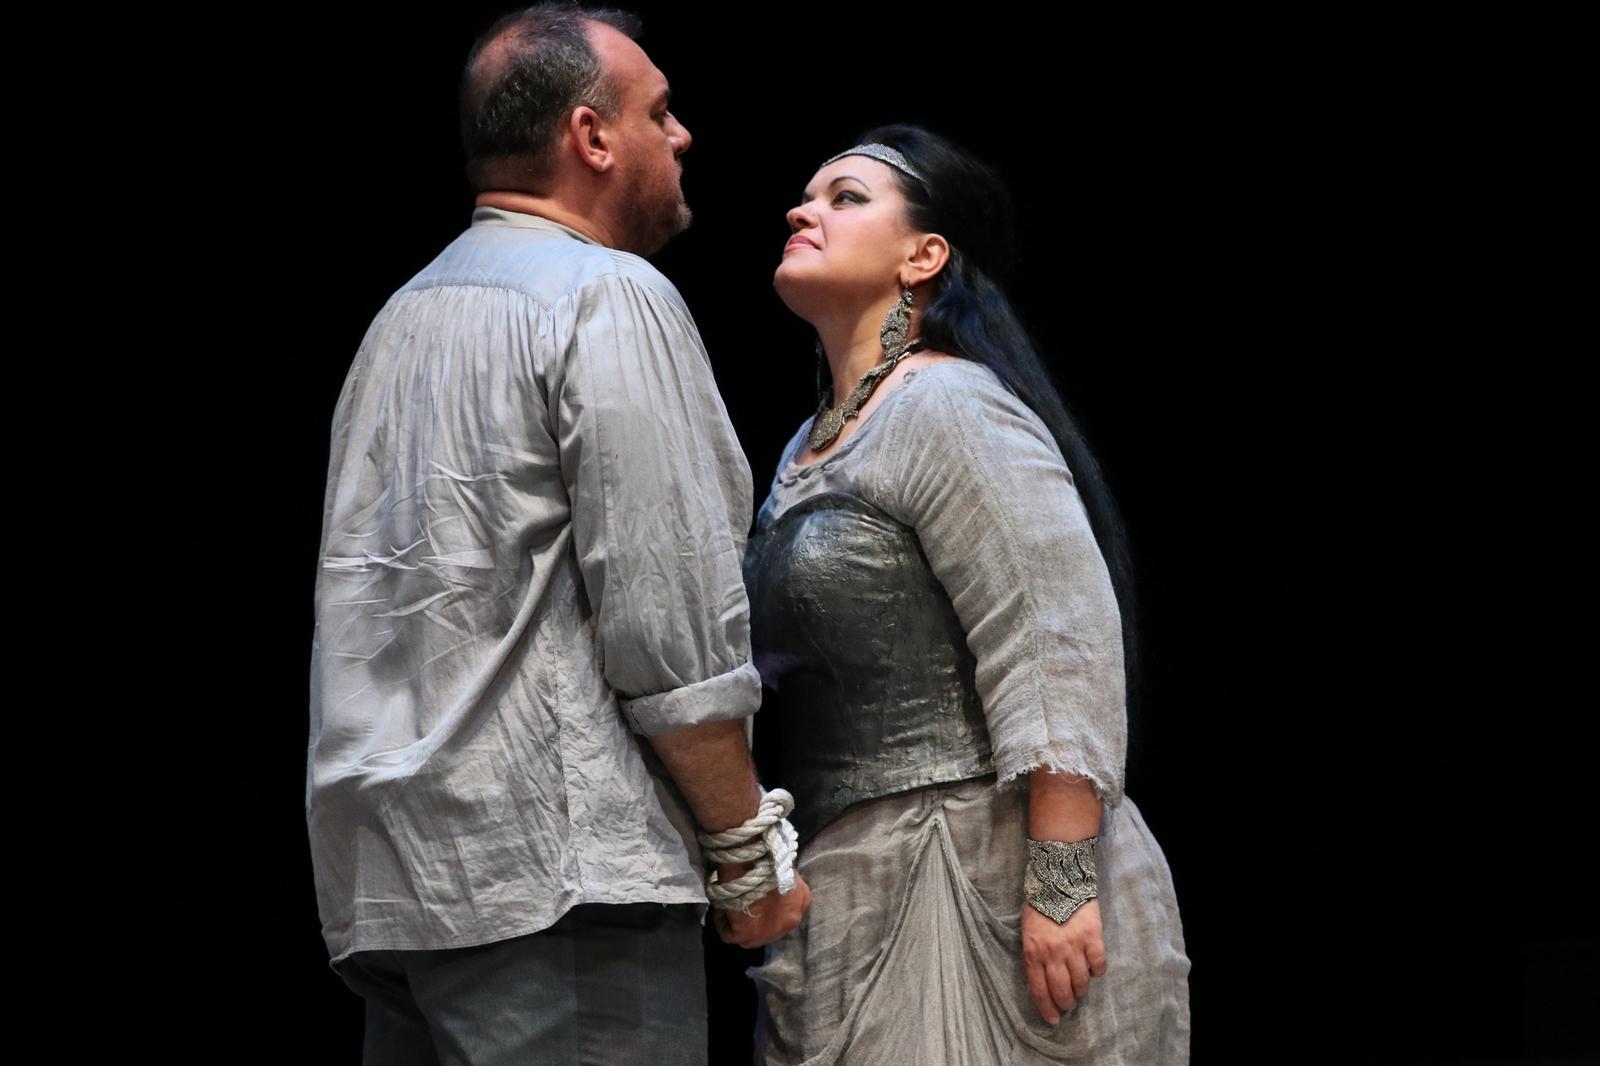 Obnovljena opera 'Norma' u riječkom HNK-u